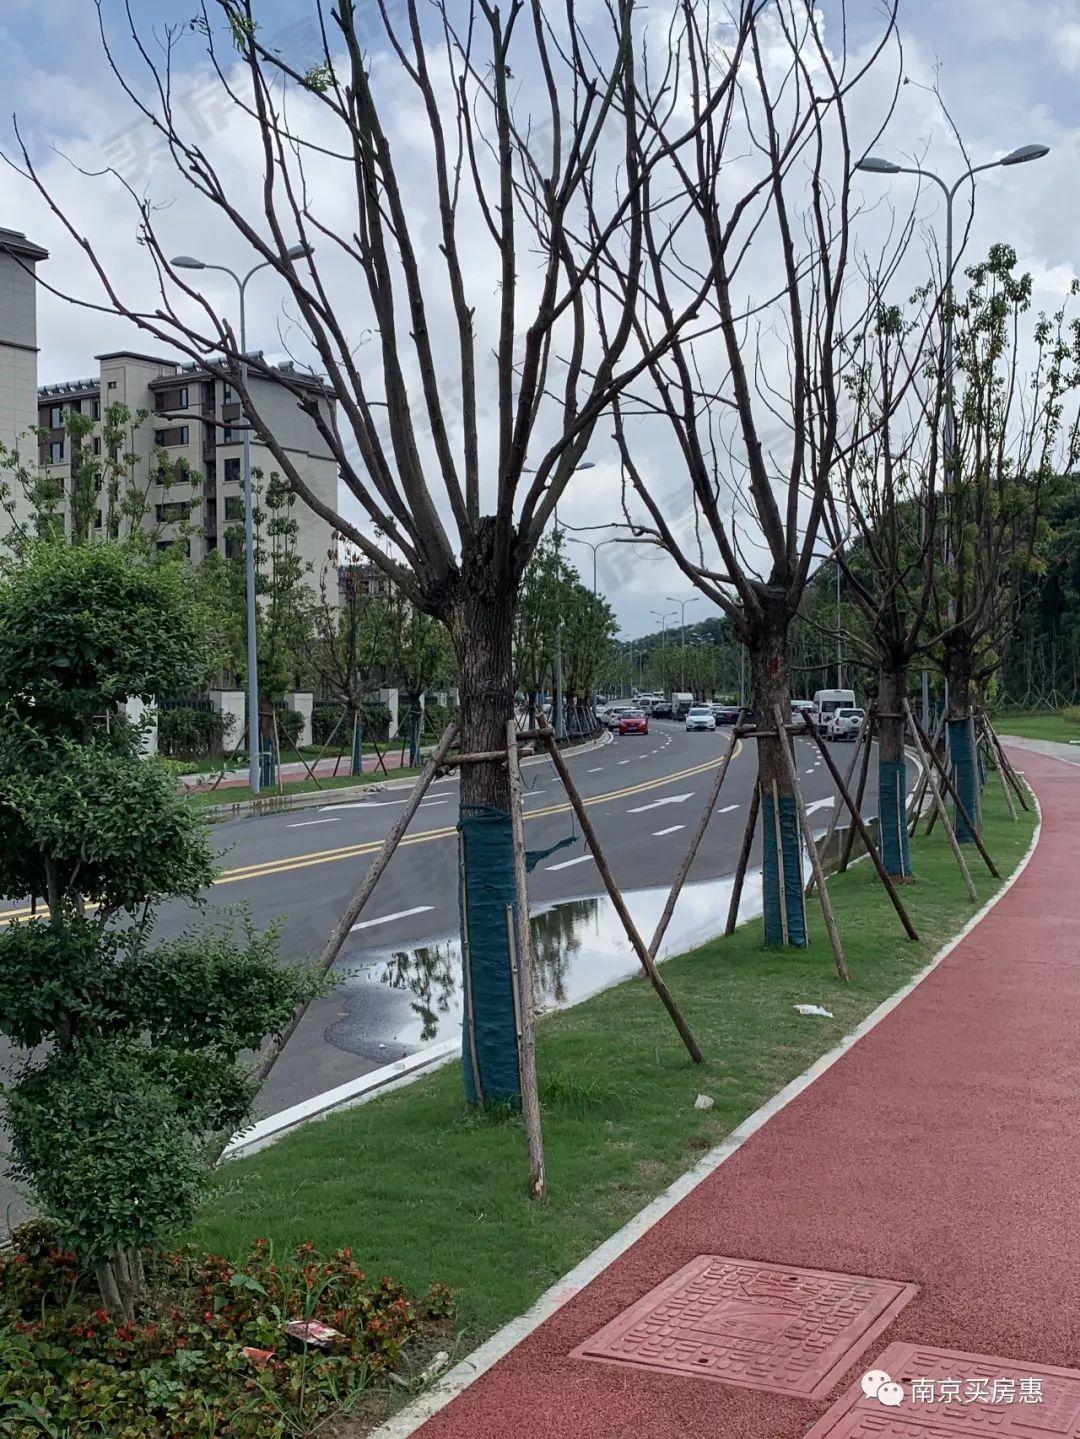 nj.ihouse.ifeng.com